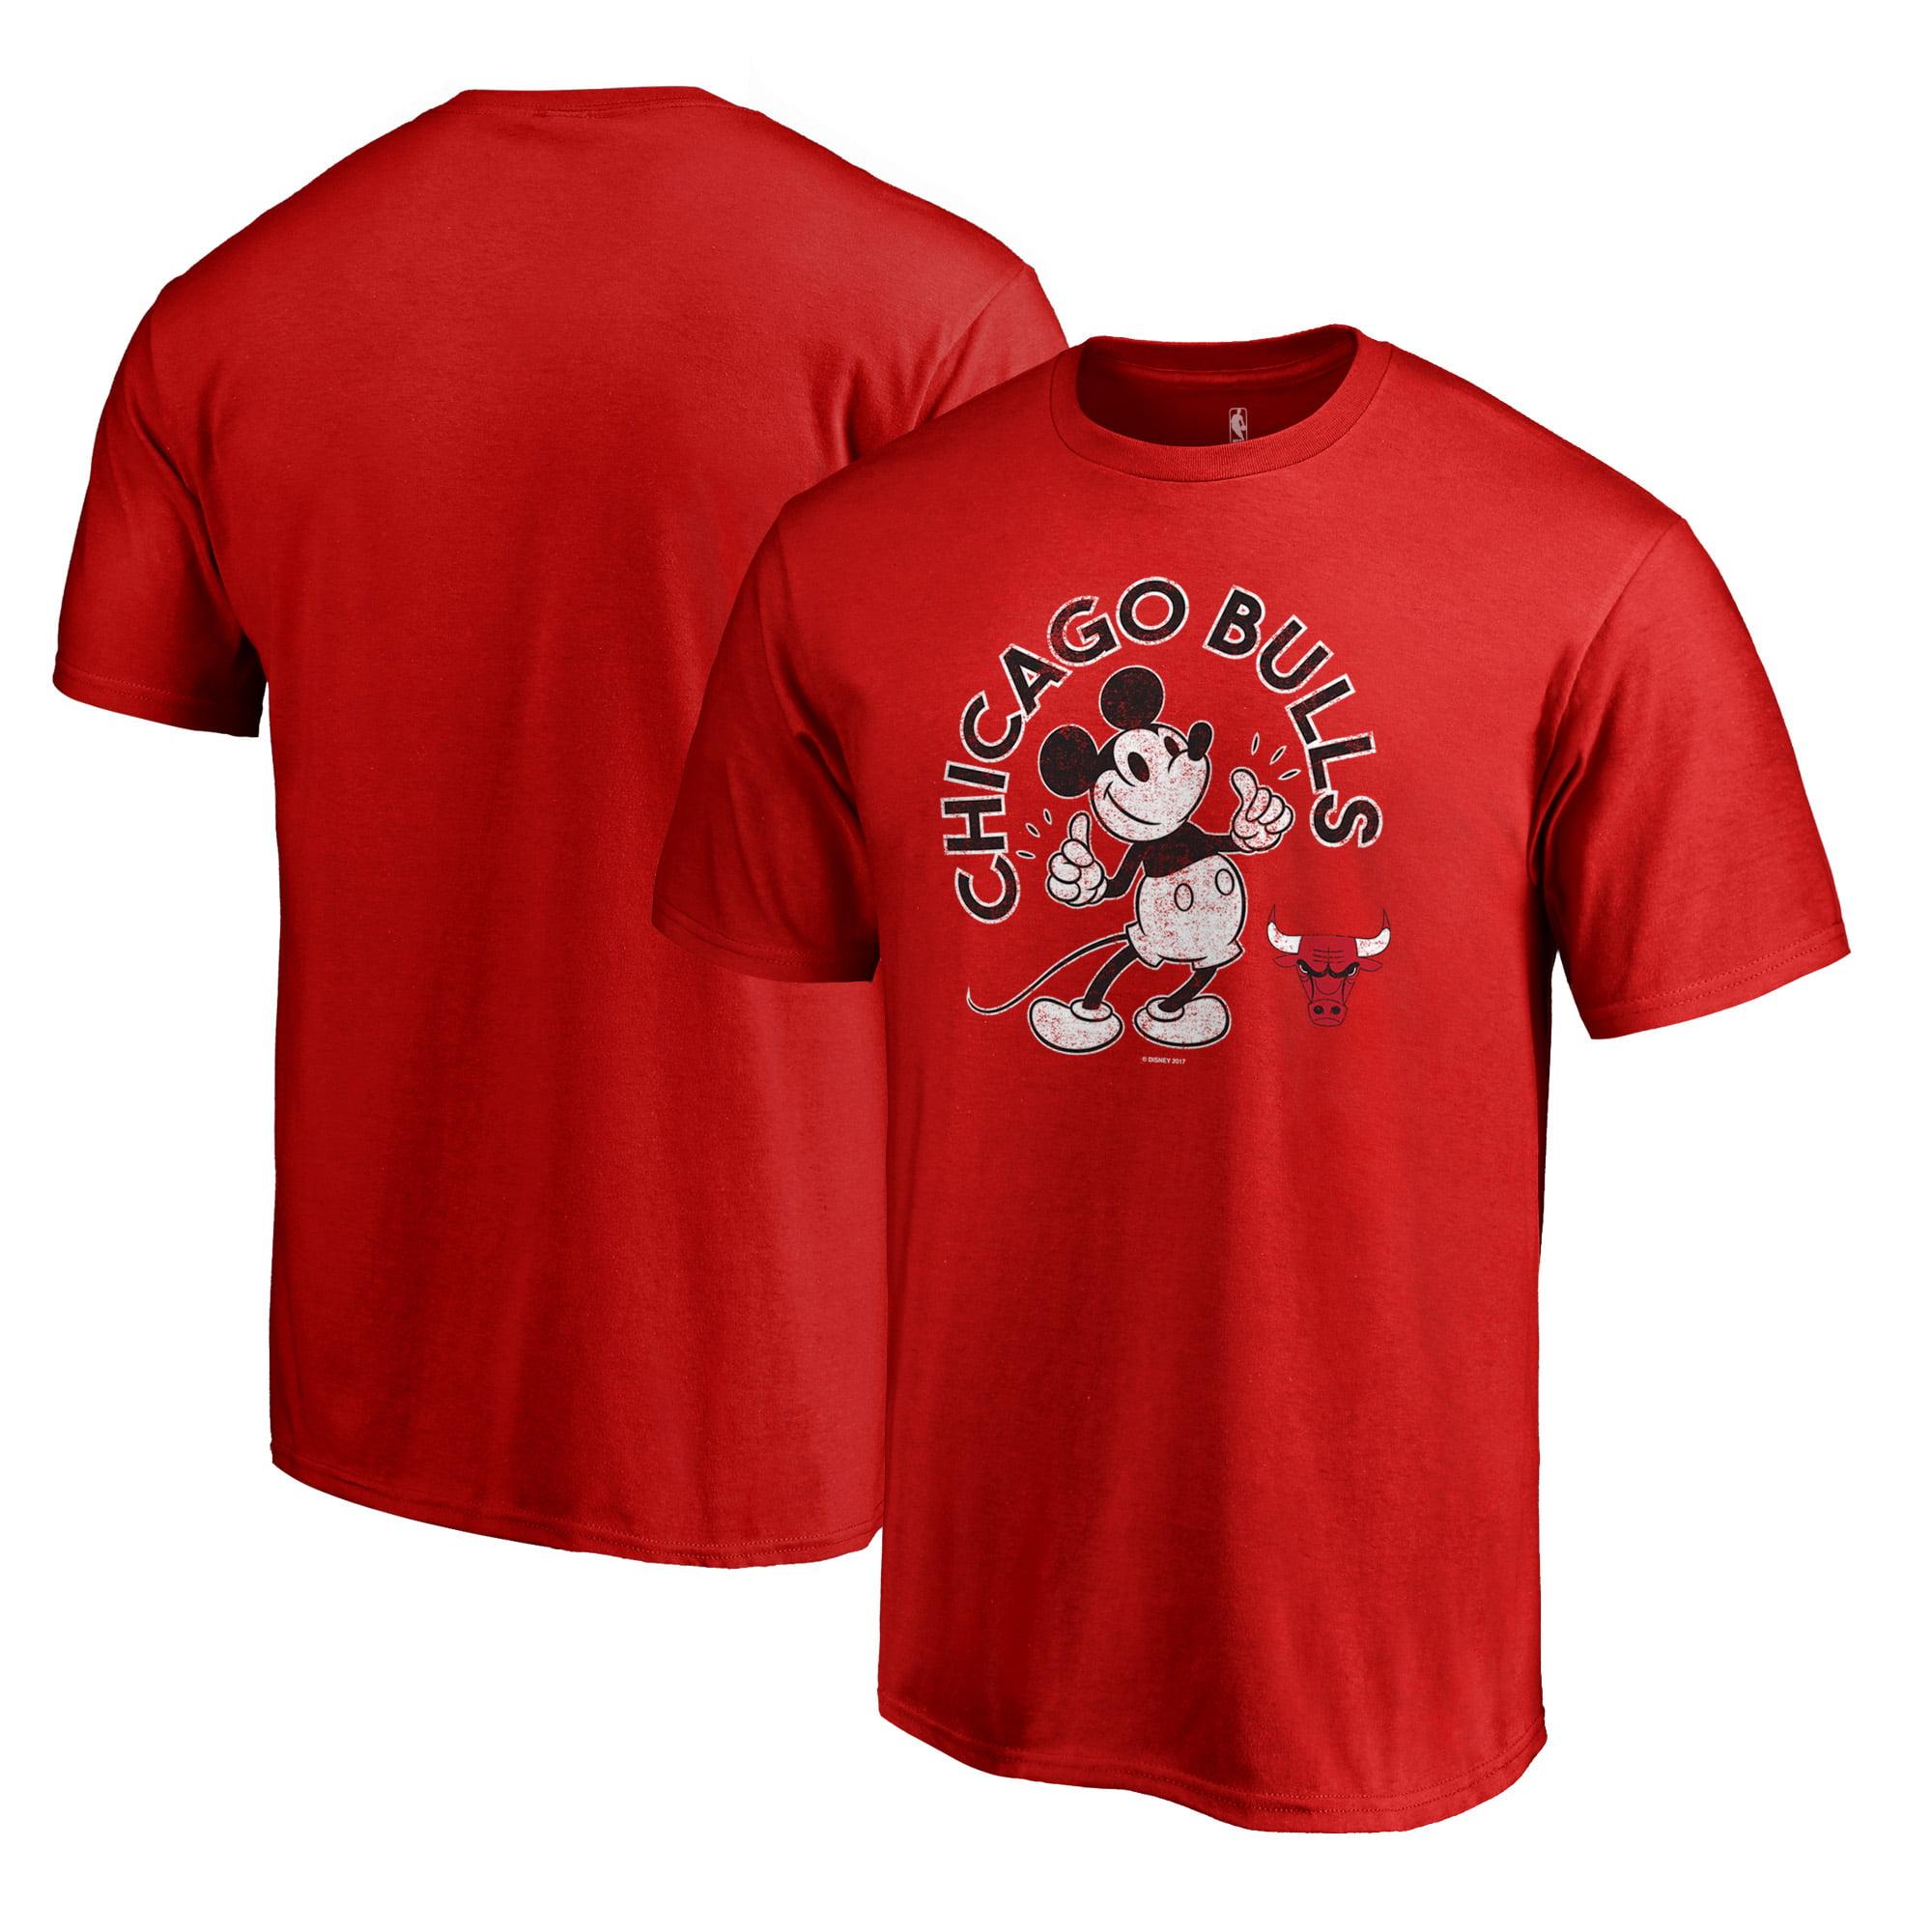 Chicago Bulls Fanatics Branded Disney Mickey's True Original Arch T-Shirt -  Red